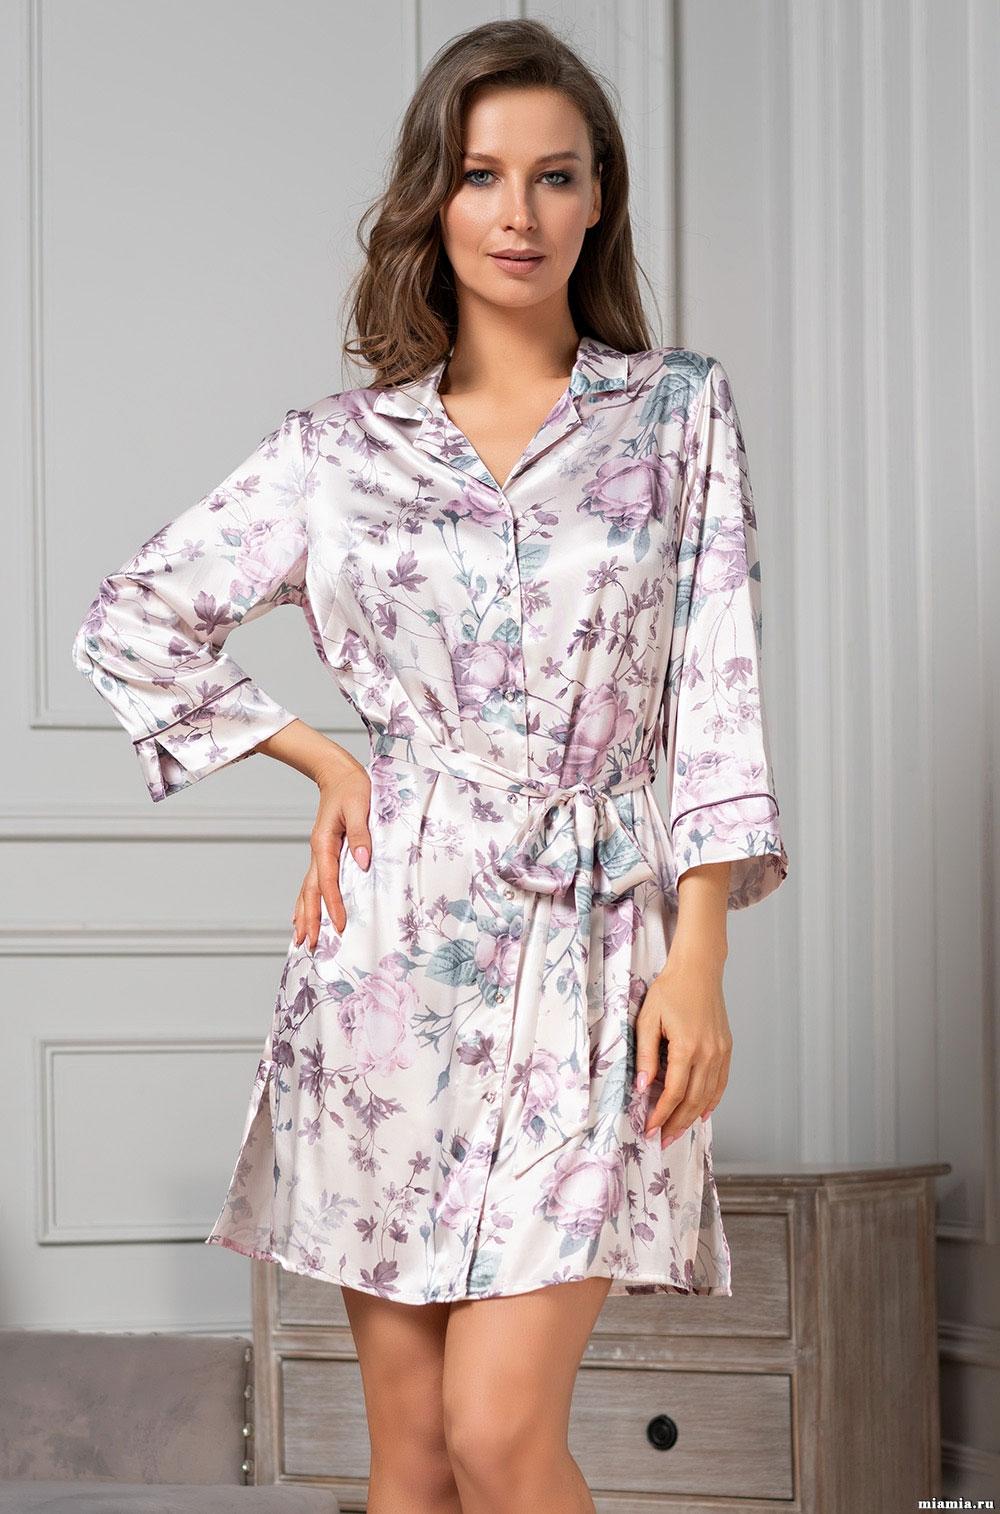 Рубашка-халат с кружевом 3547 Miracle Mia Amore